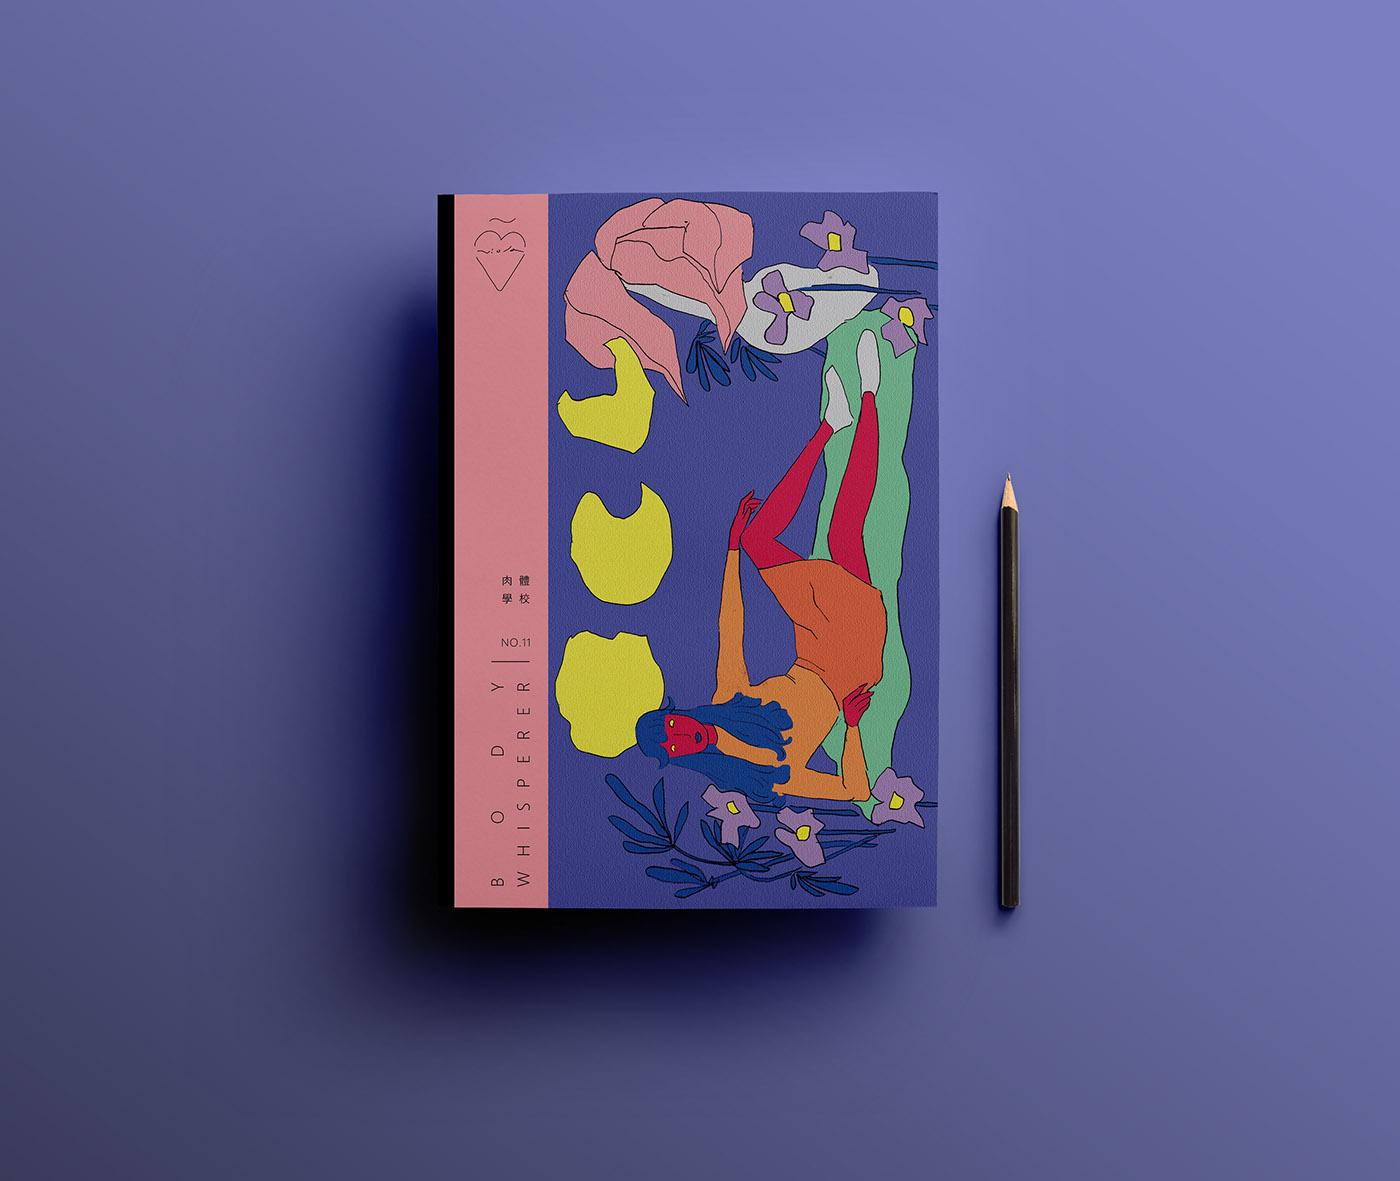 有創意感的39個封面設計欣賞